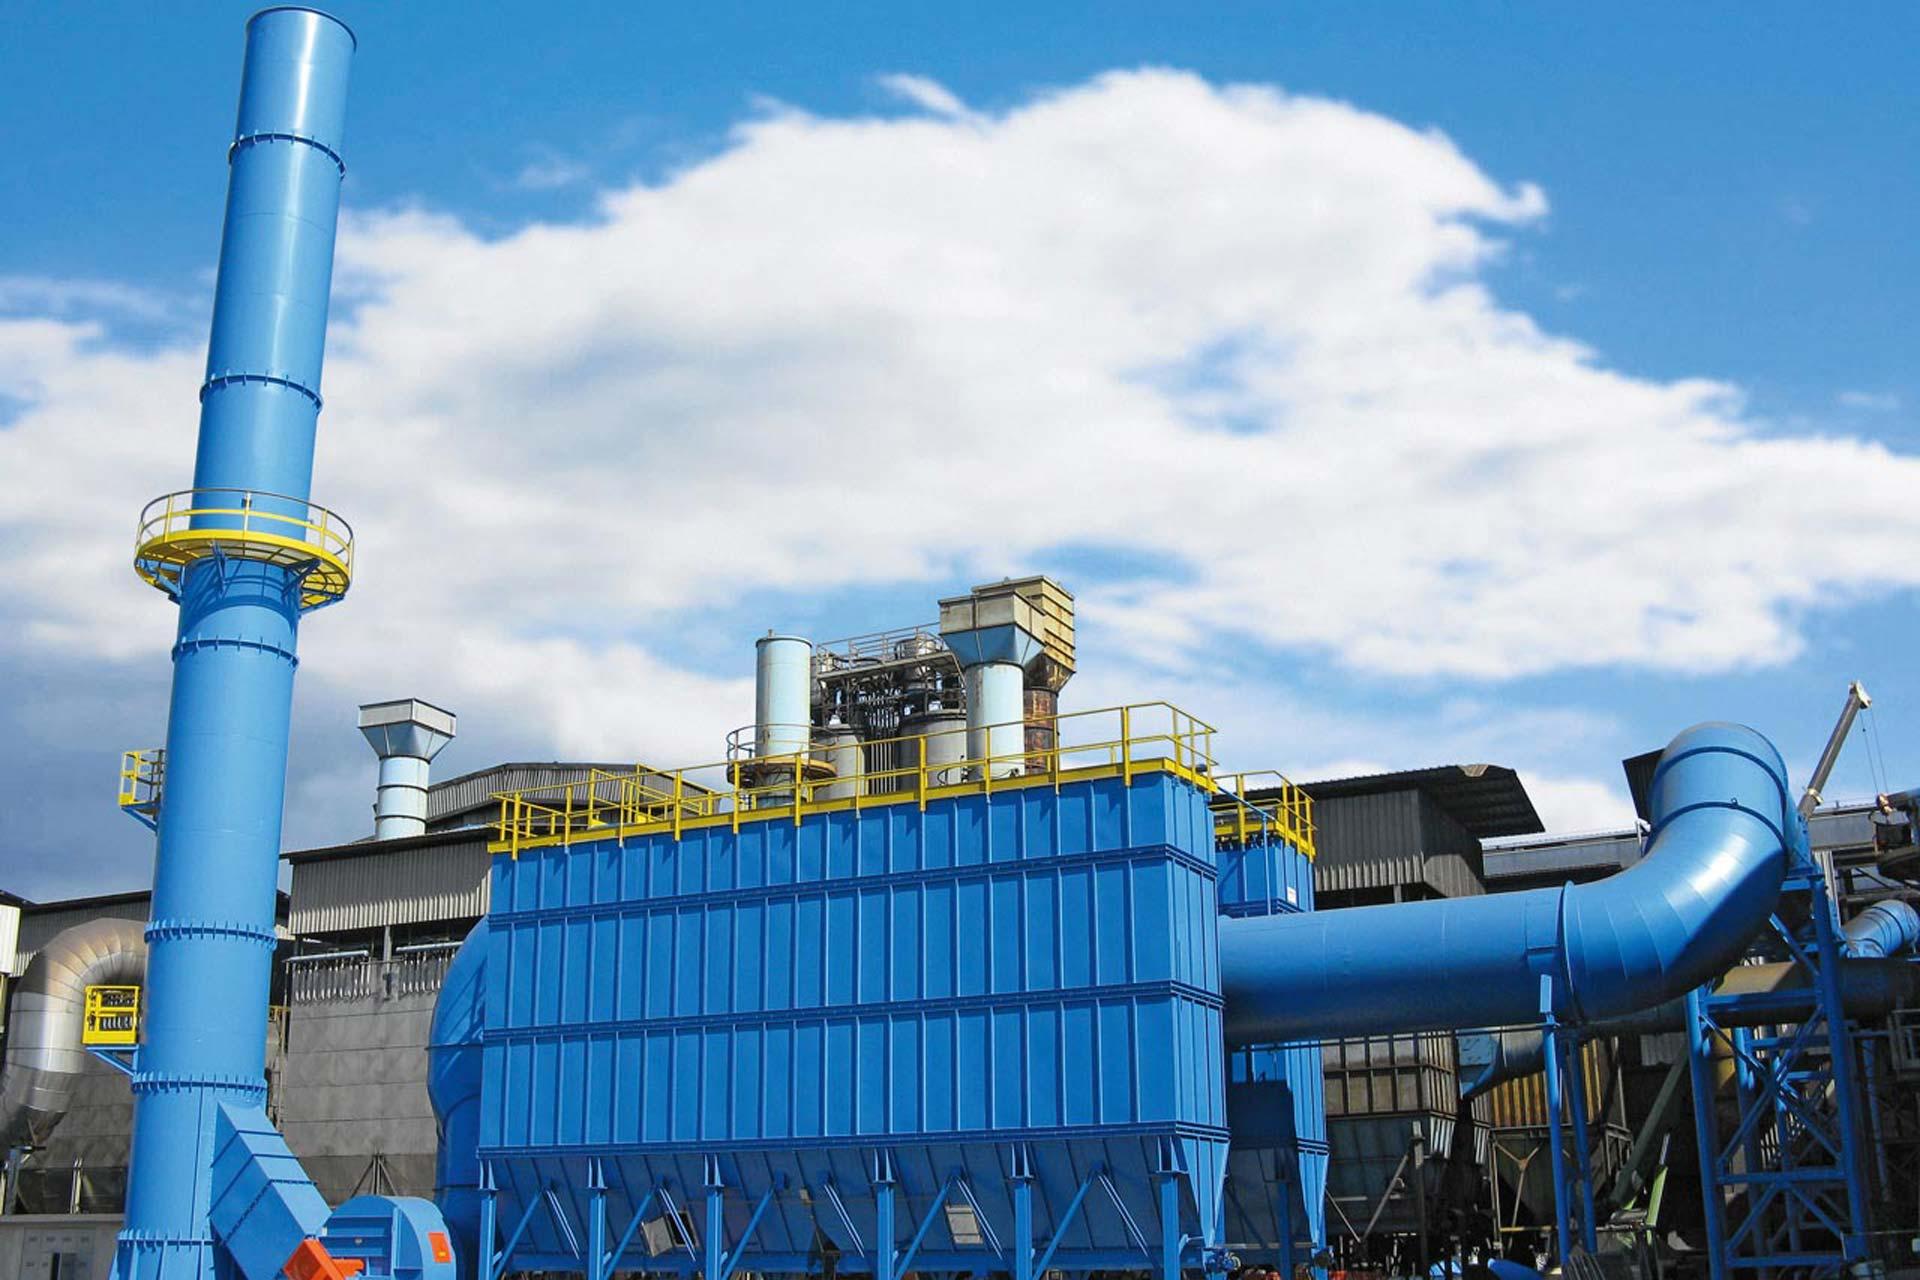 Schlauchfilter, Abluftreinigung, Entstaubung, Filteranlage, Rauchgasentstaubung, Umwelttechnik